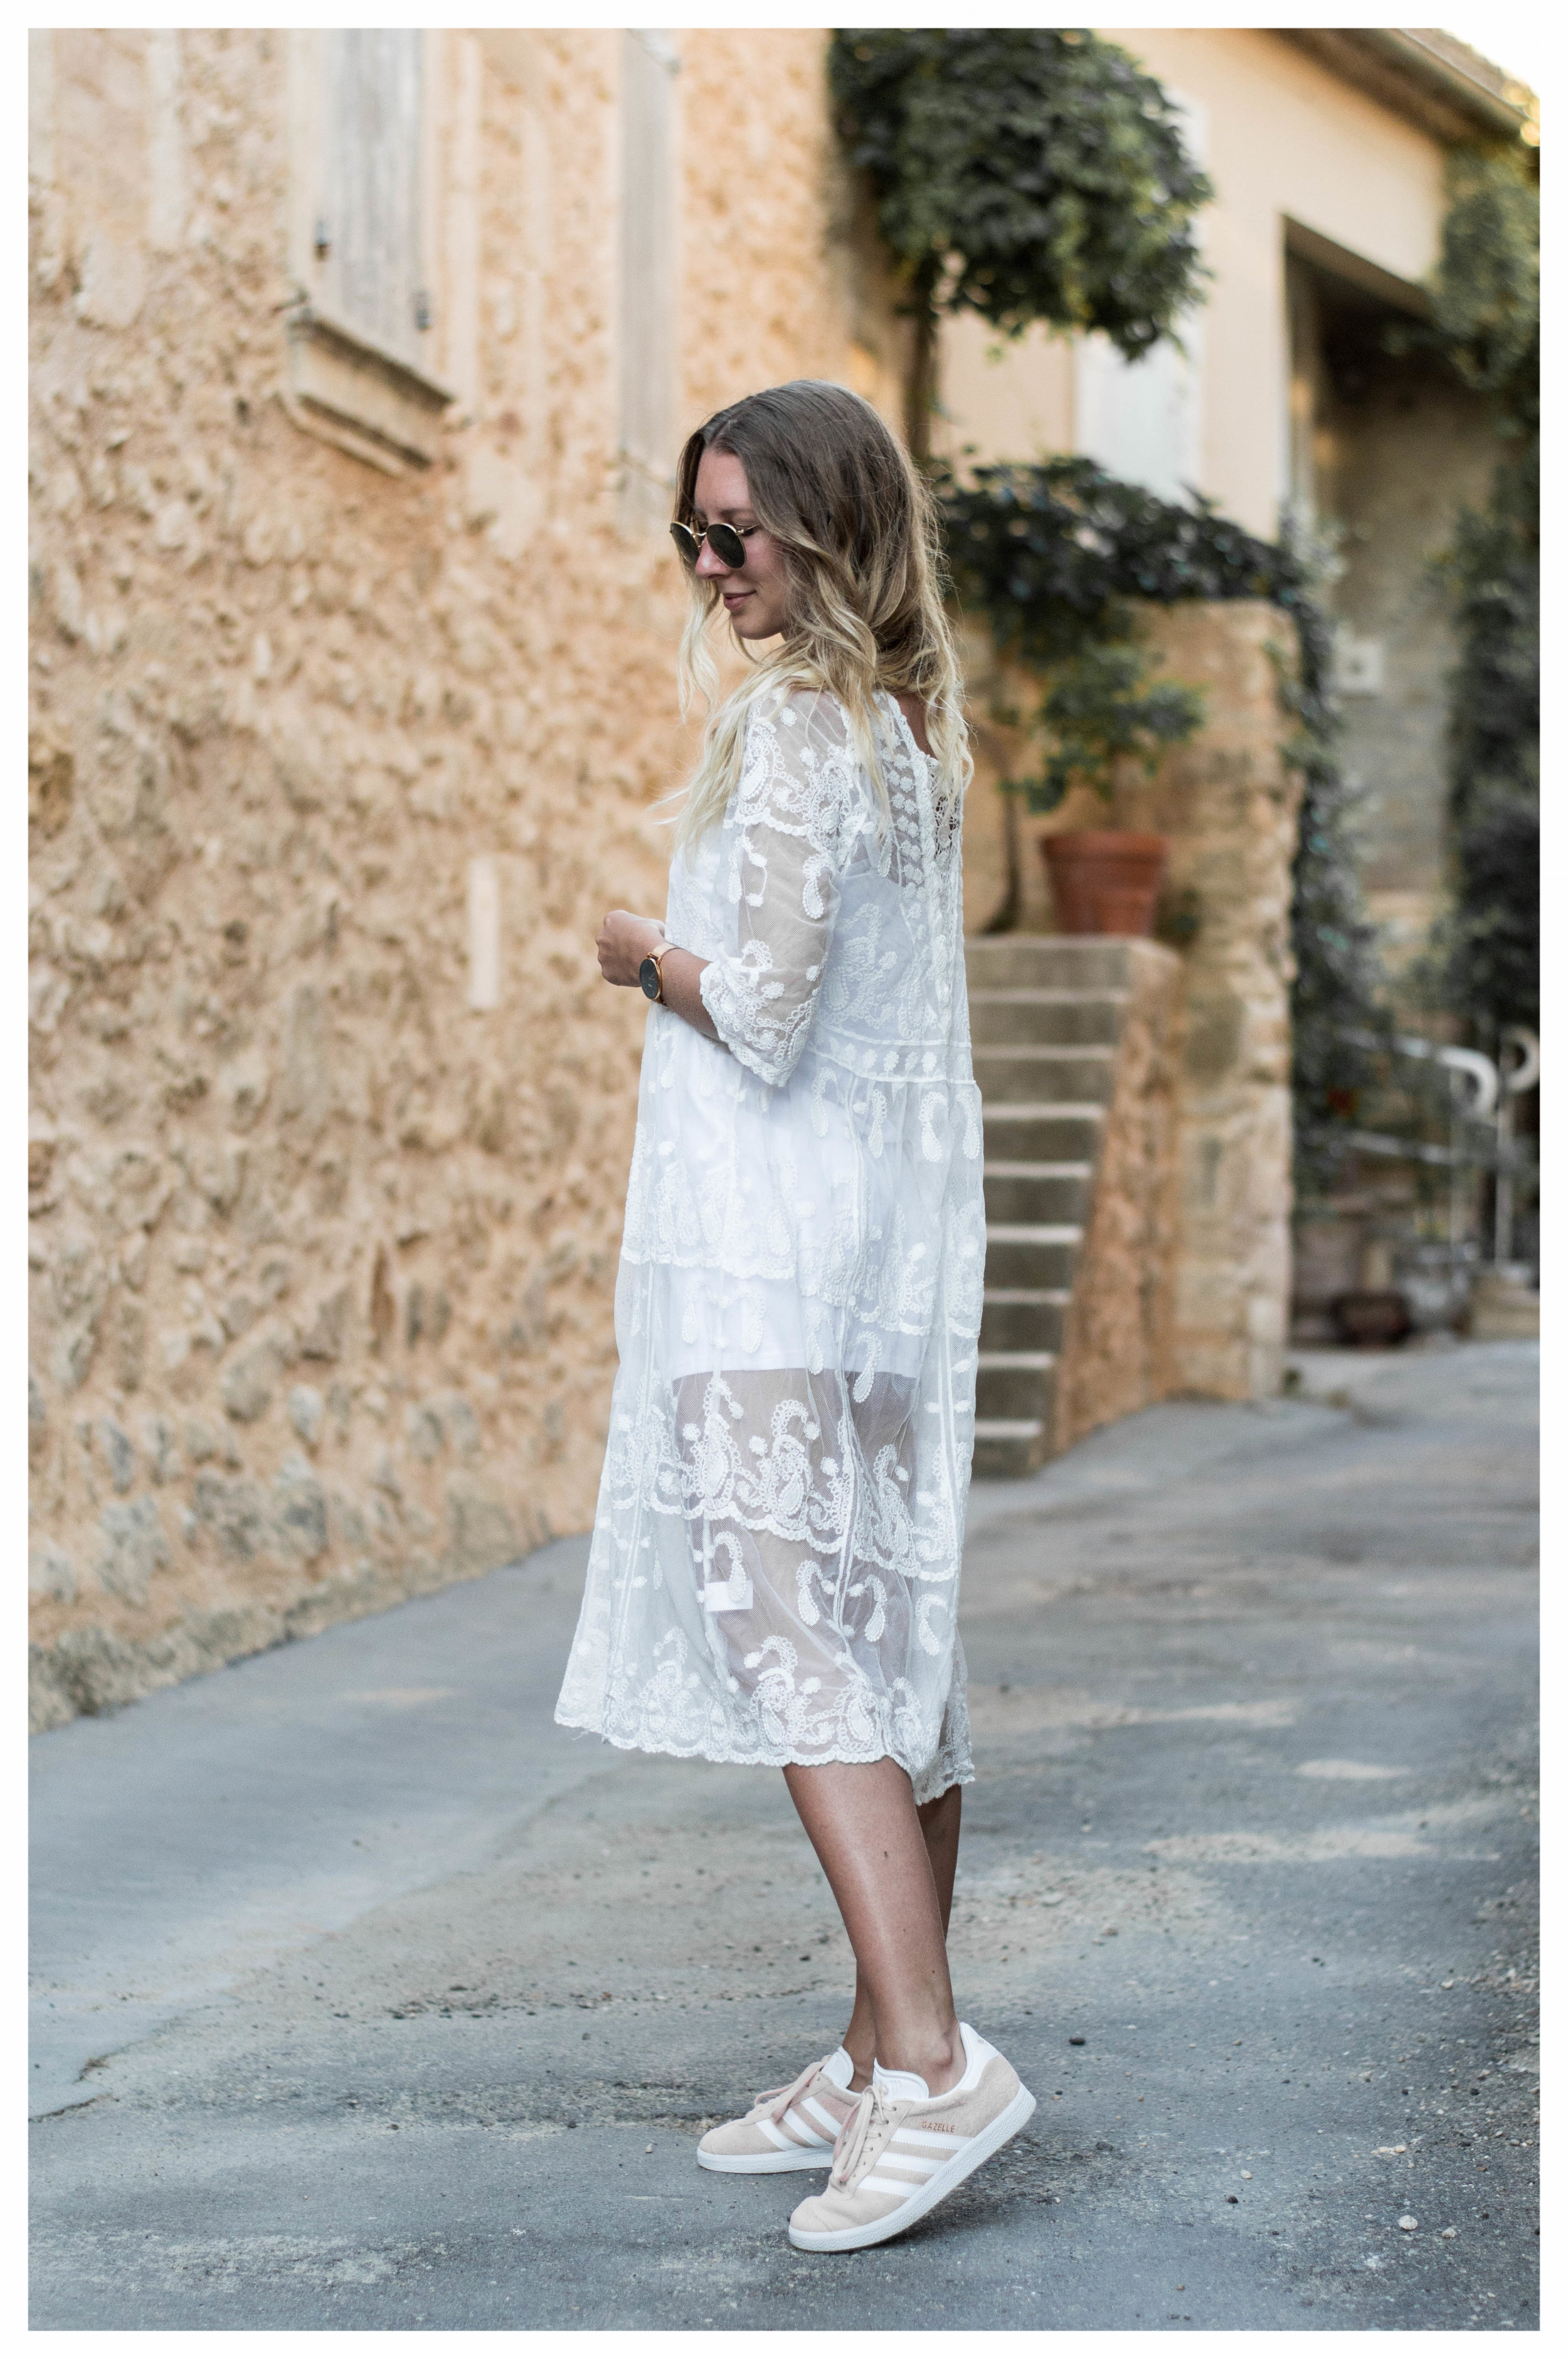 Cornillon White Dress June - OSIARAH.COM (13 of 27).jpg